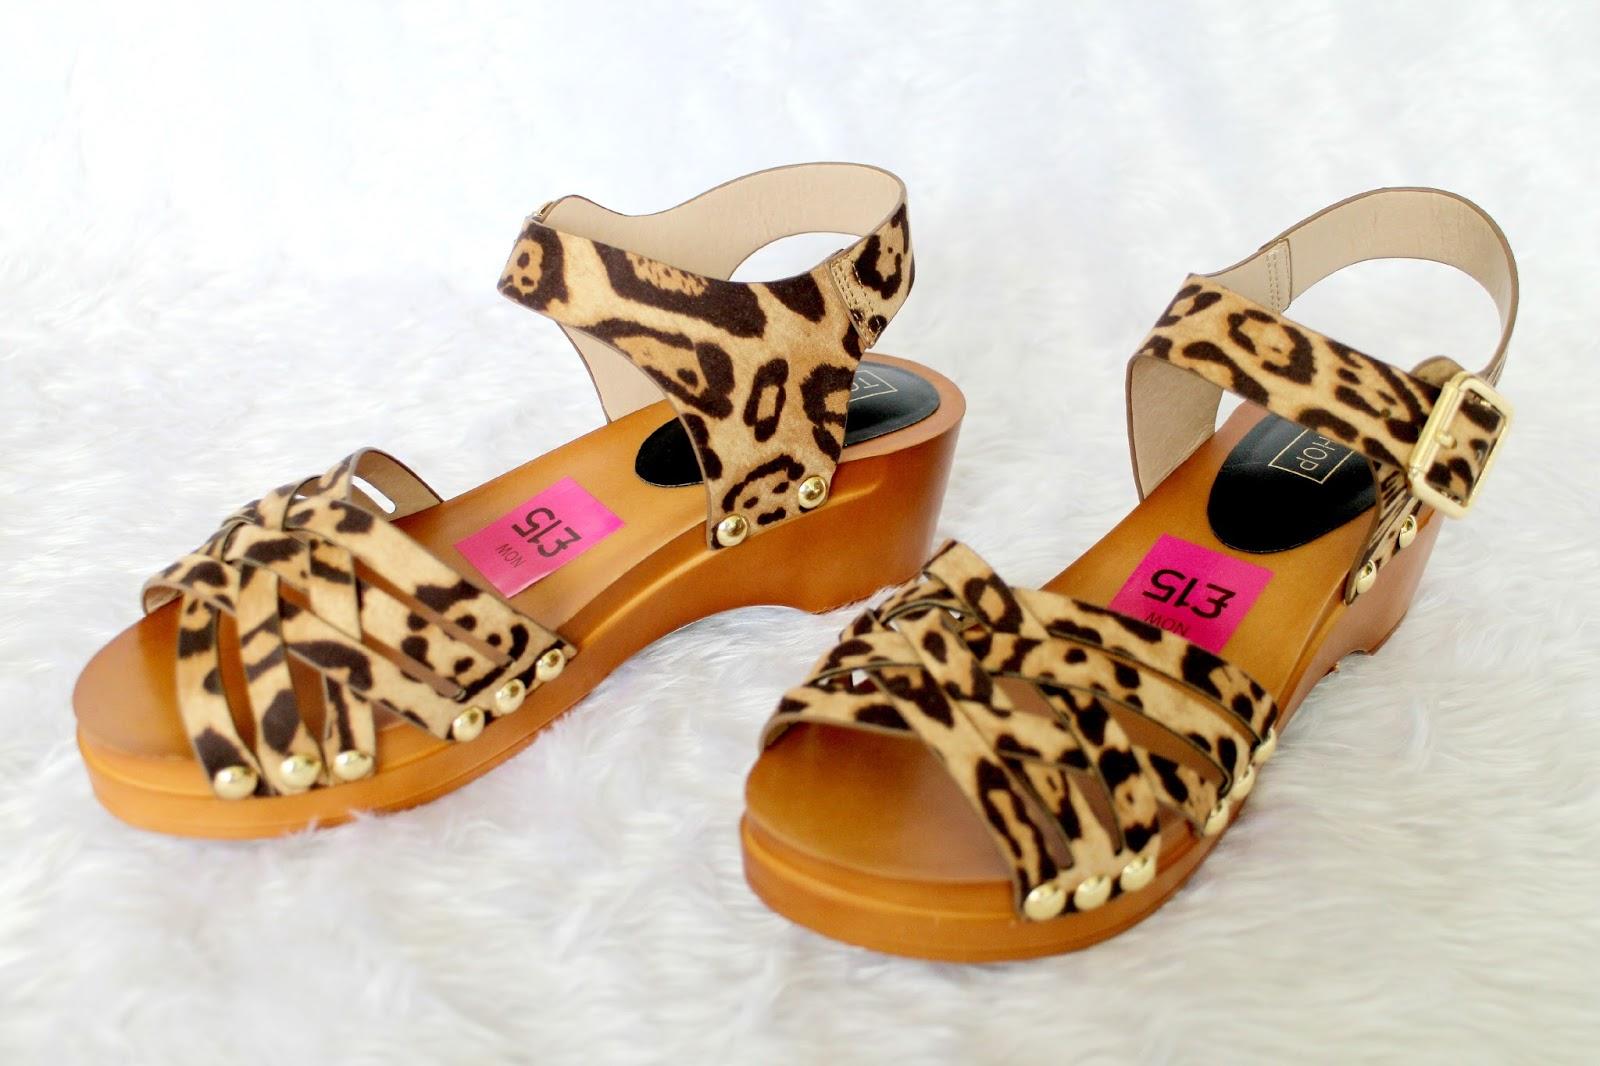 Topshop Leopard Print Sandals